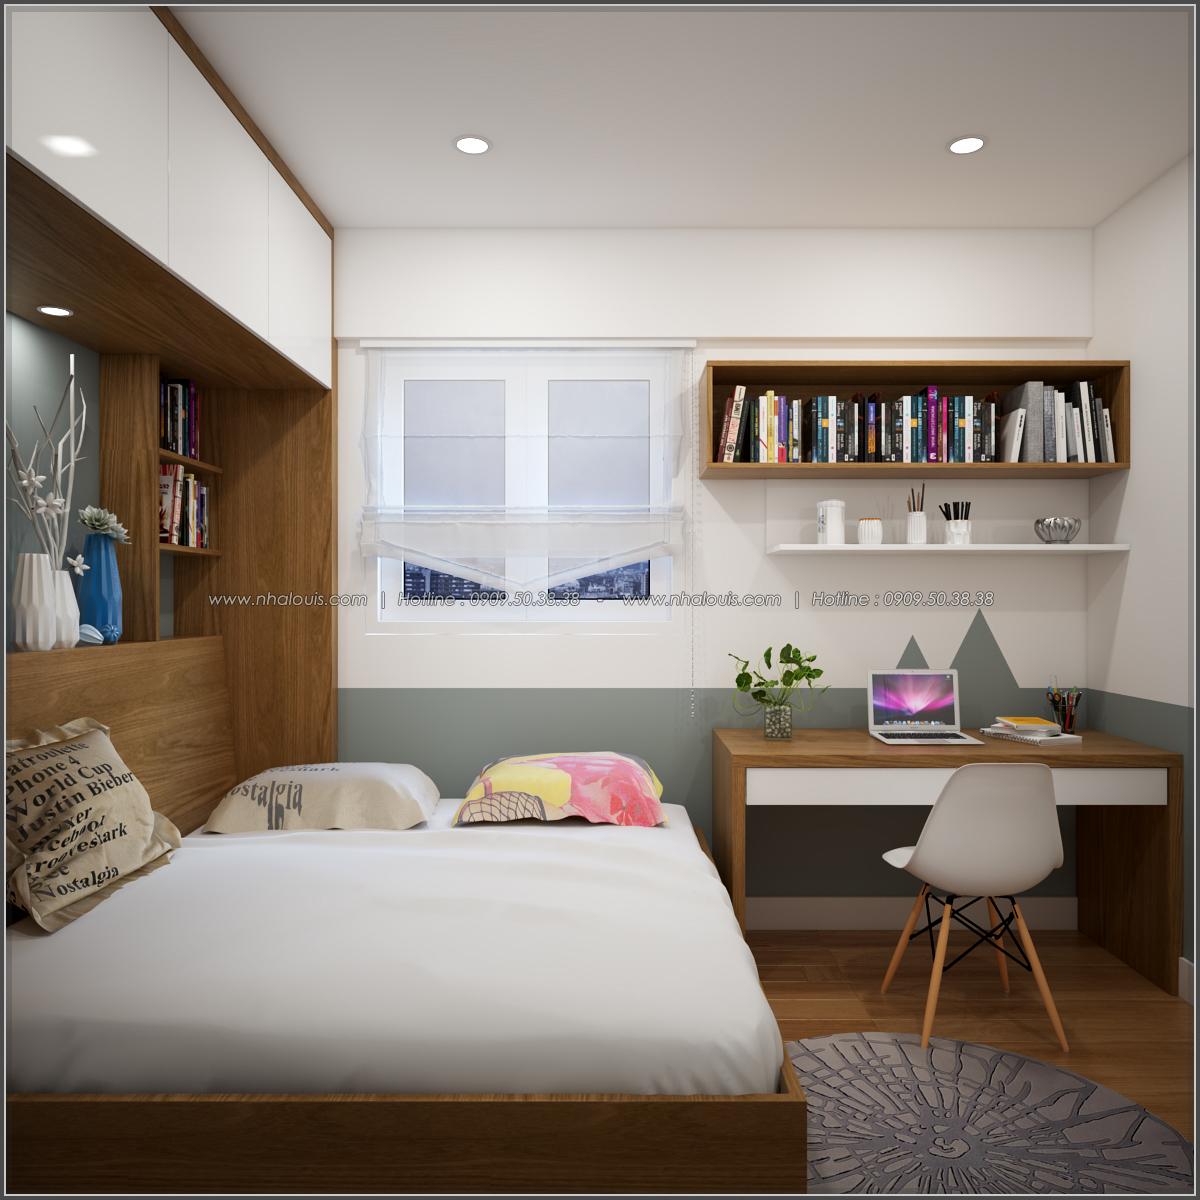 Thiết kế căn hộ chung cư 3 phòng ngủ Happy Valley quận 7 - 11